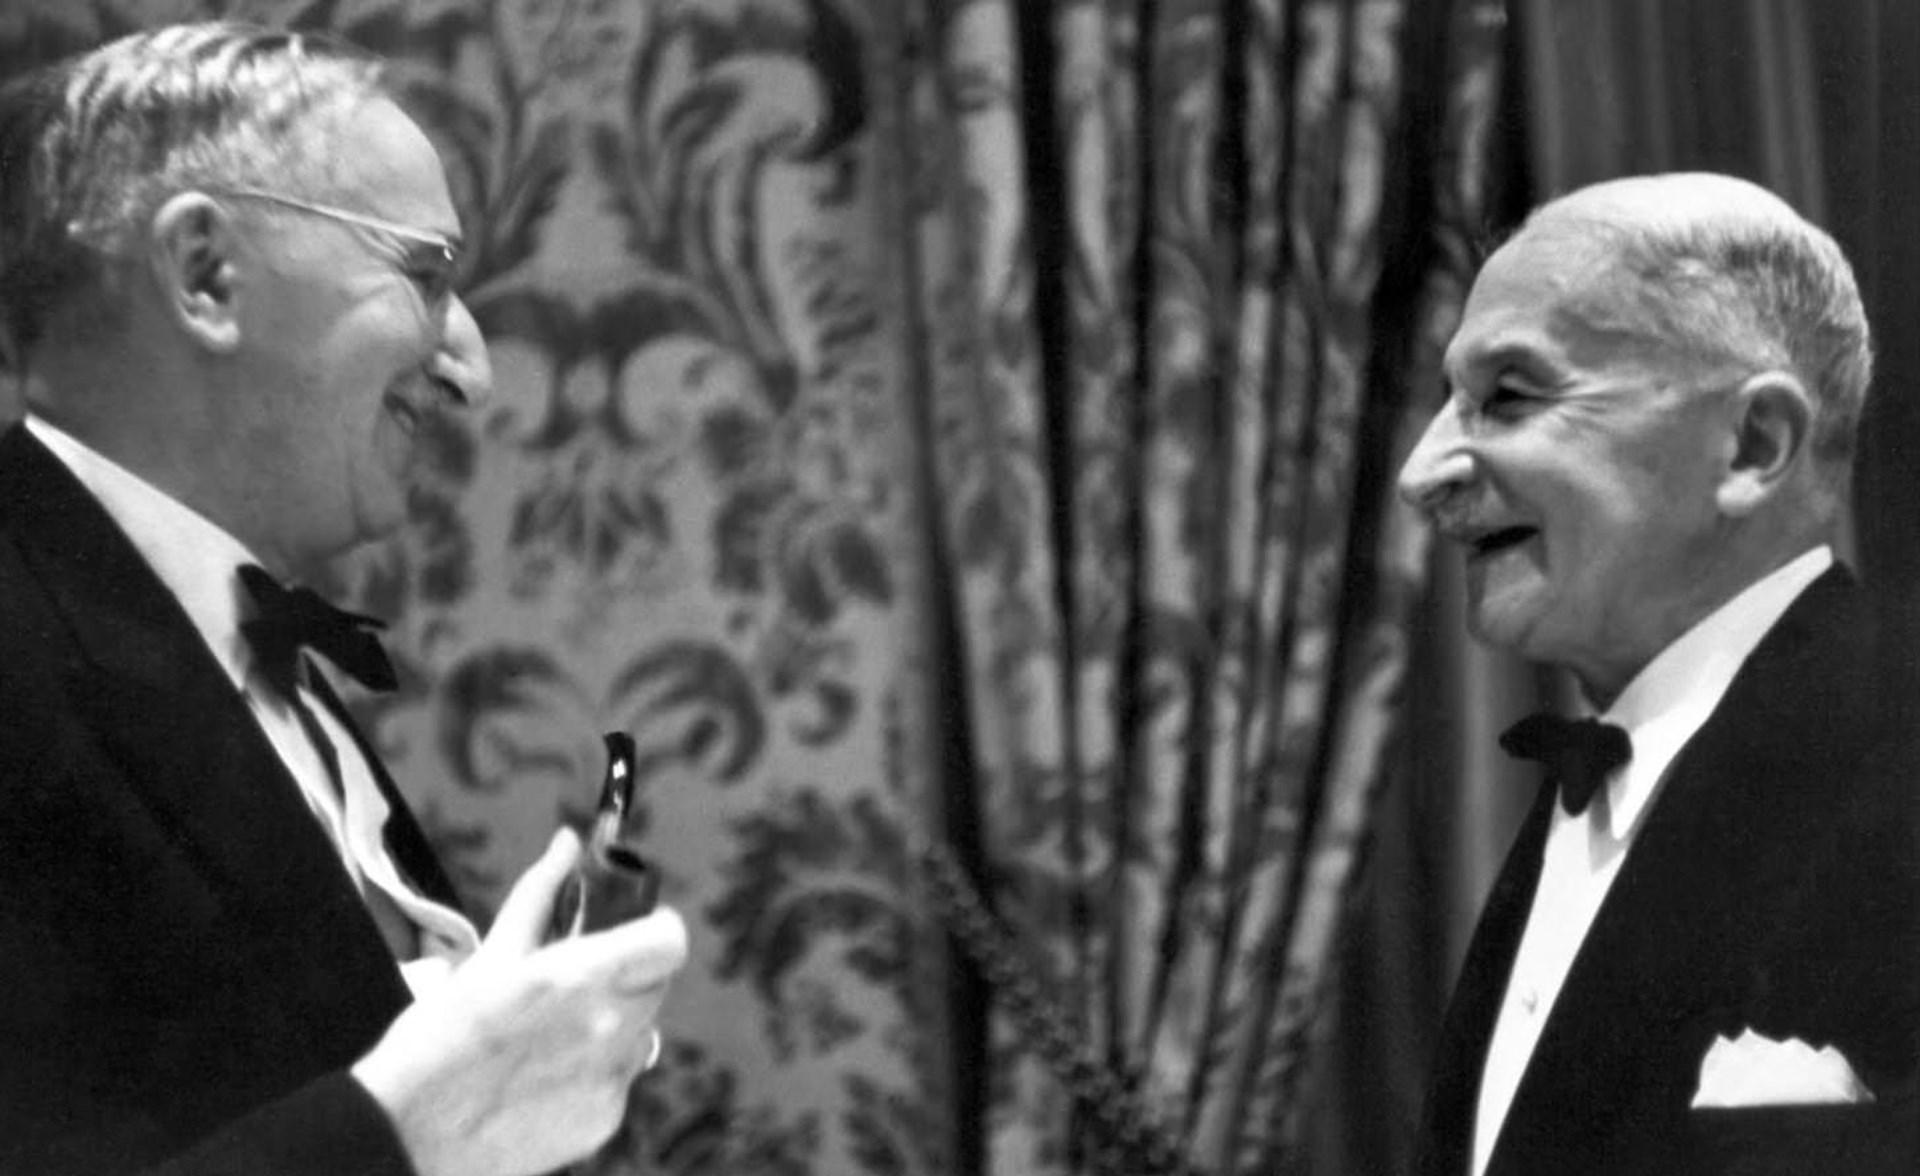 Mises contra Hayek – o socialismo é um problema de propriedade ou de conhecimento? | Hans-Hermann Hoppe